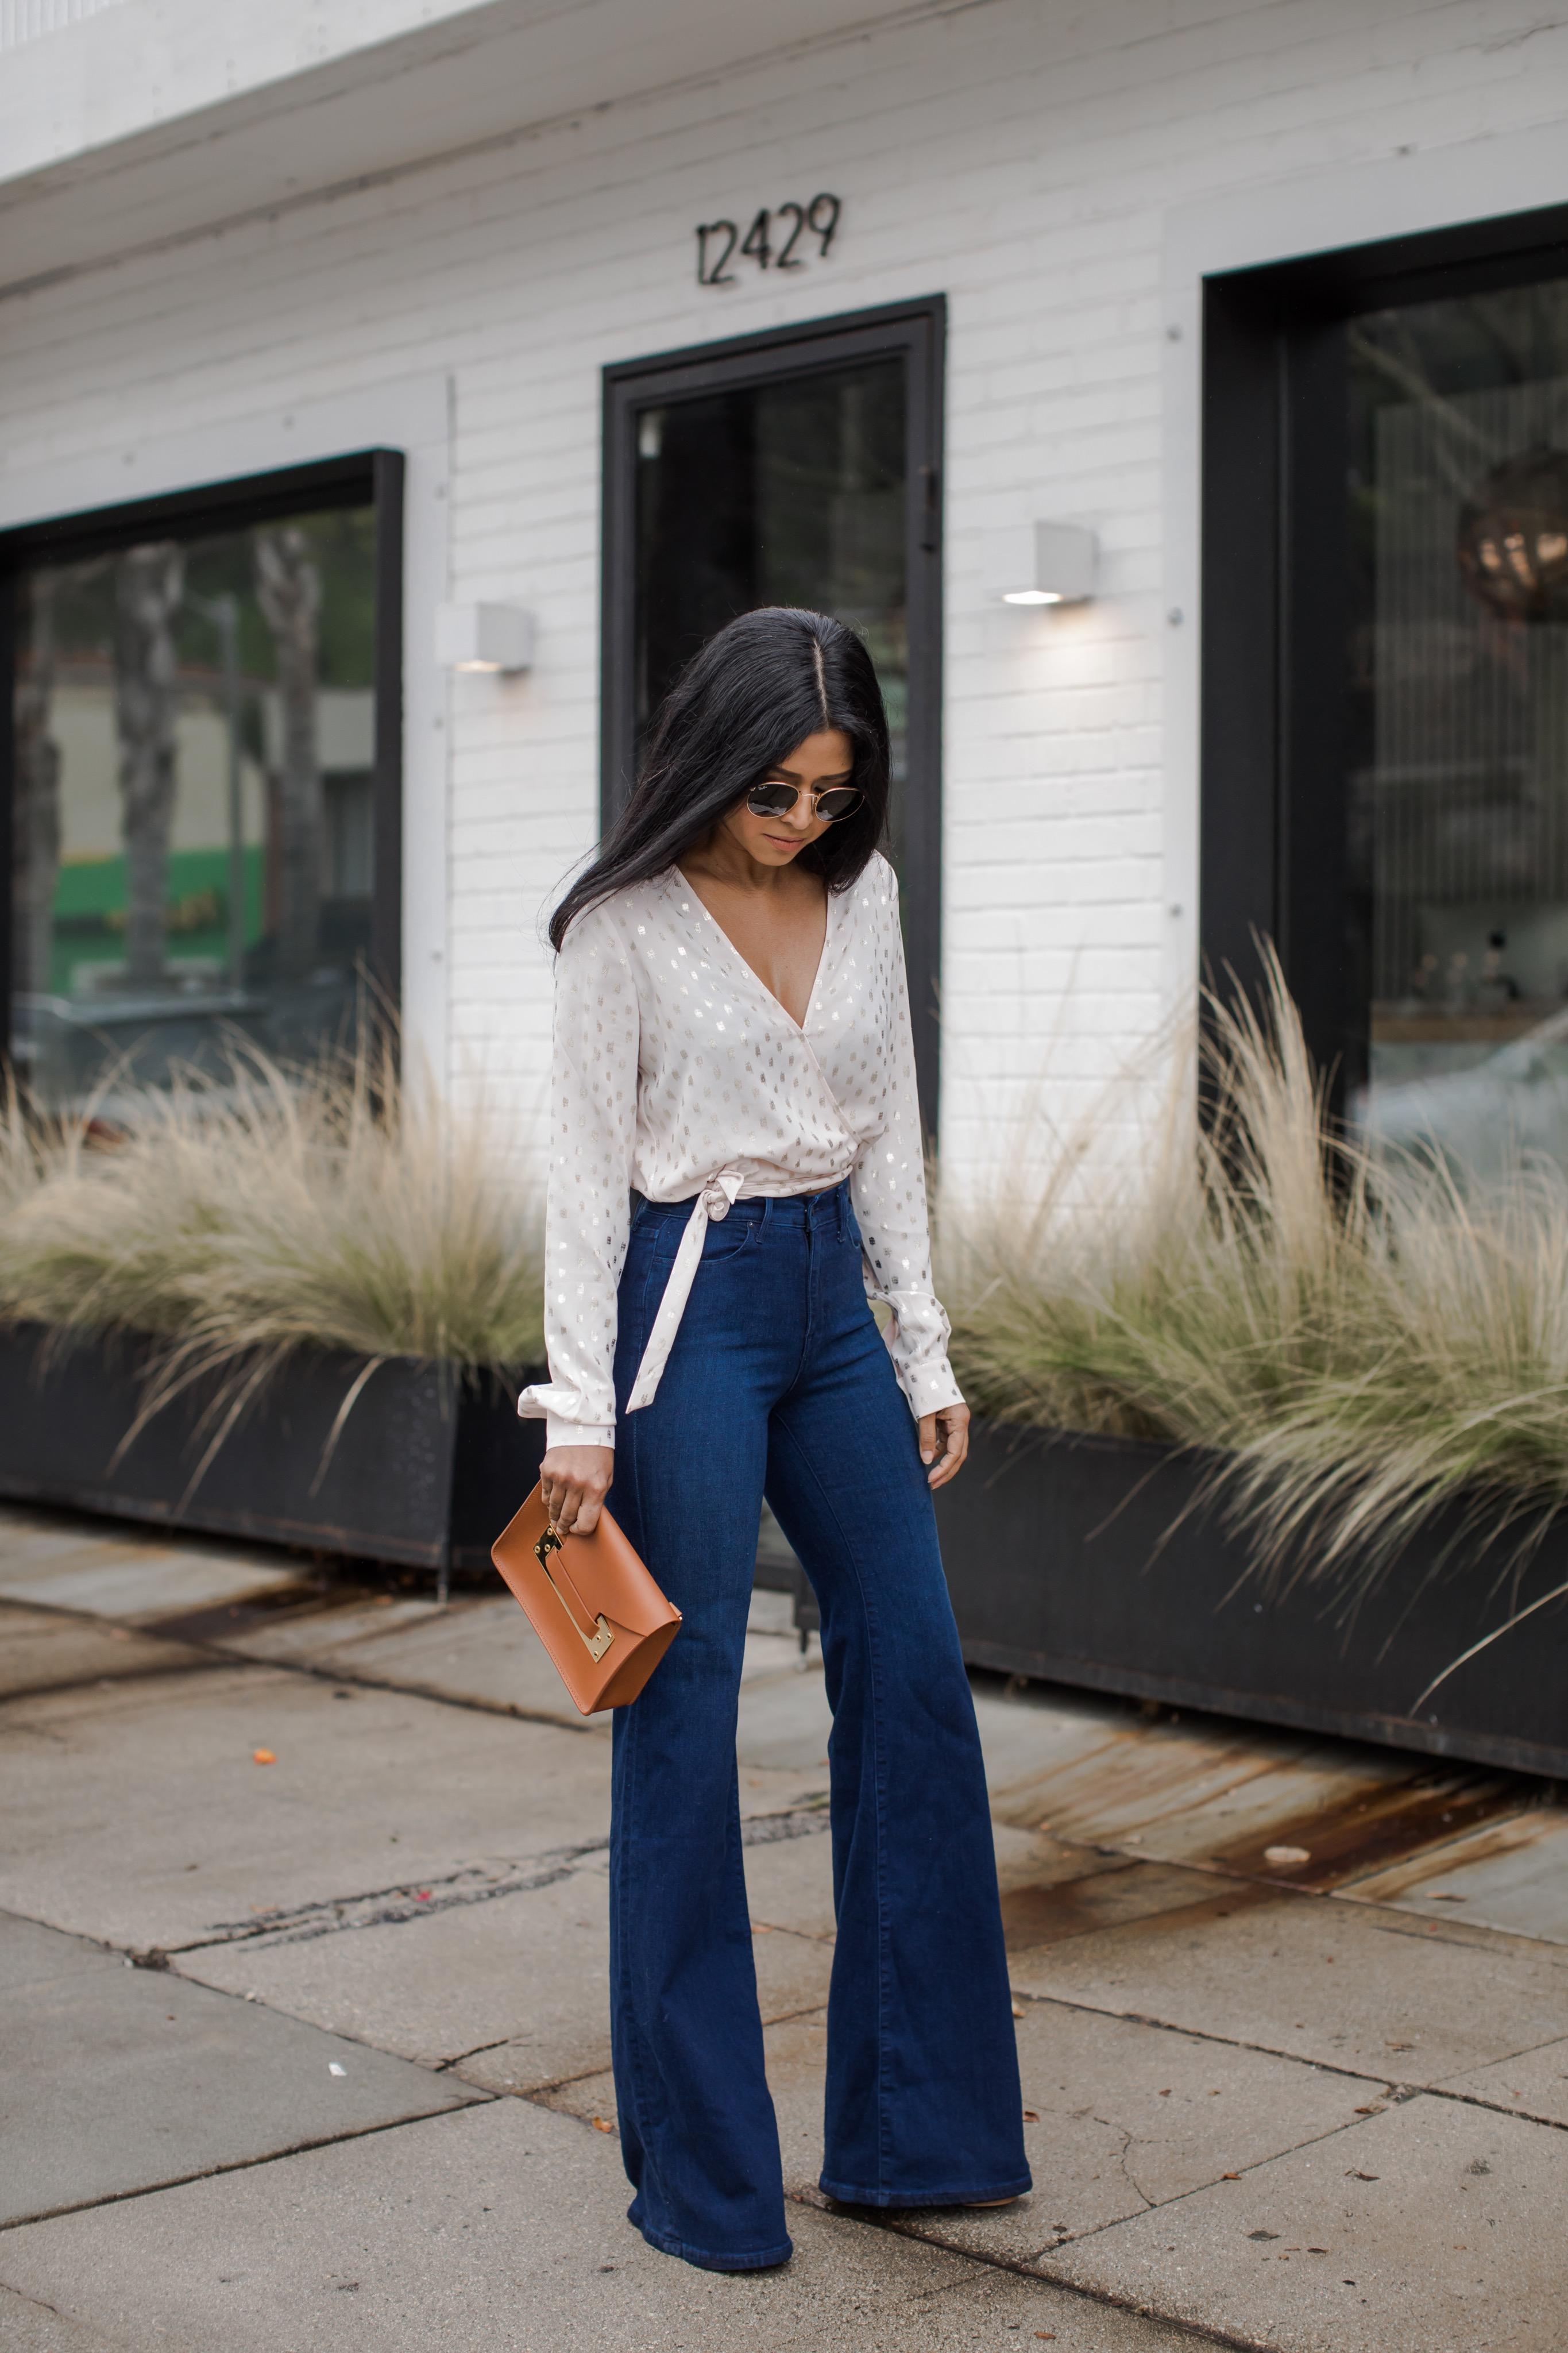 Cô gái mặc quần jeans ống loe, áo cổ chữ V, đeo kính đen, cầm ví da nâu